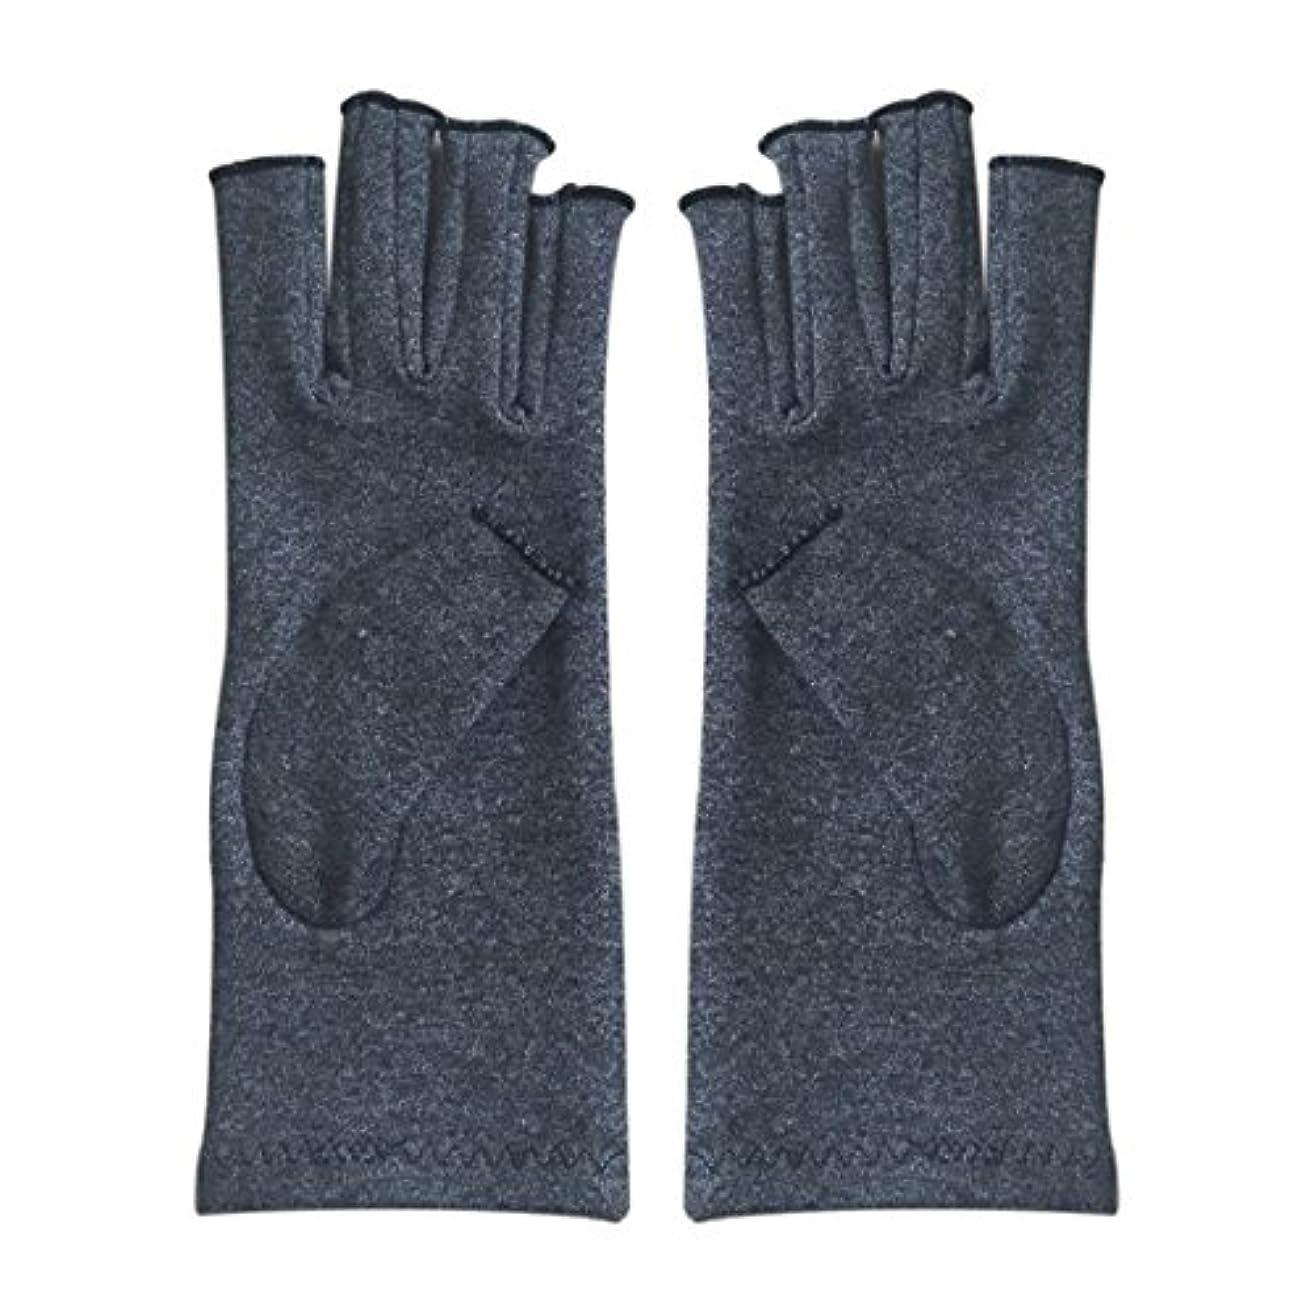 不愉快に軽くカバーCikuso 1ペア成人男性女性用弾性コットンコンプレッション手袋手関節炎関節痛鎮痛軽減S -灰色、S